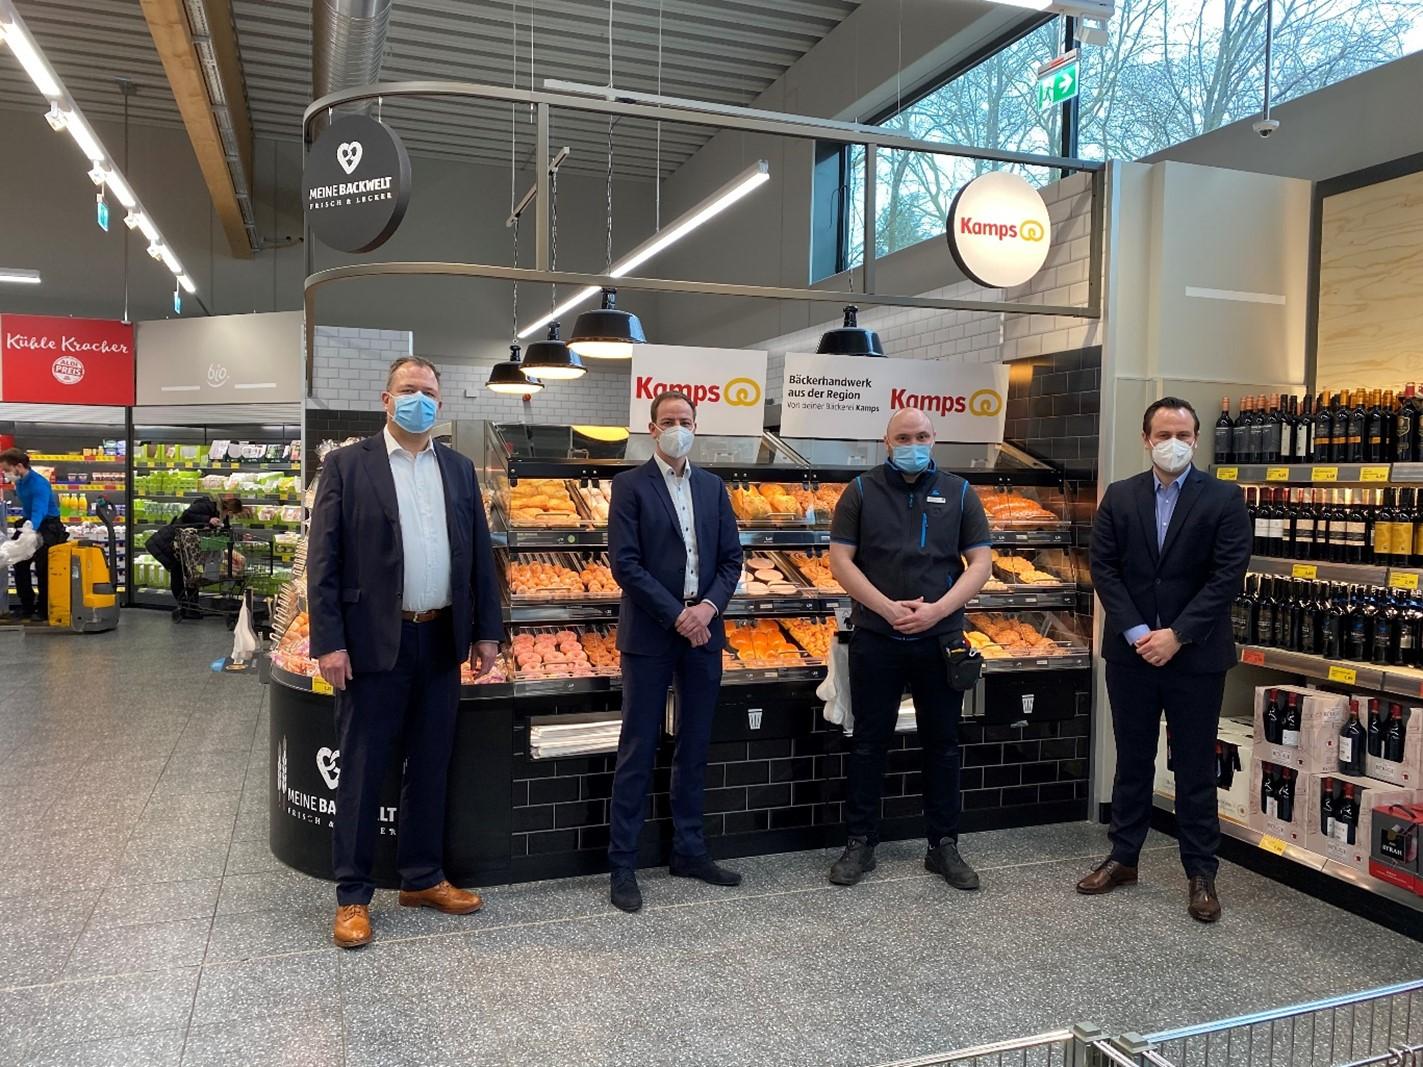 Leitende Mitarbeiter von Kamps und Aldi Süd im Brot- und Backwarenbereich des Aldi-Standorts in Mönchengladbach